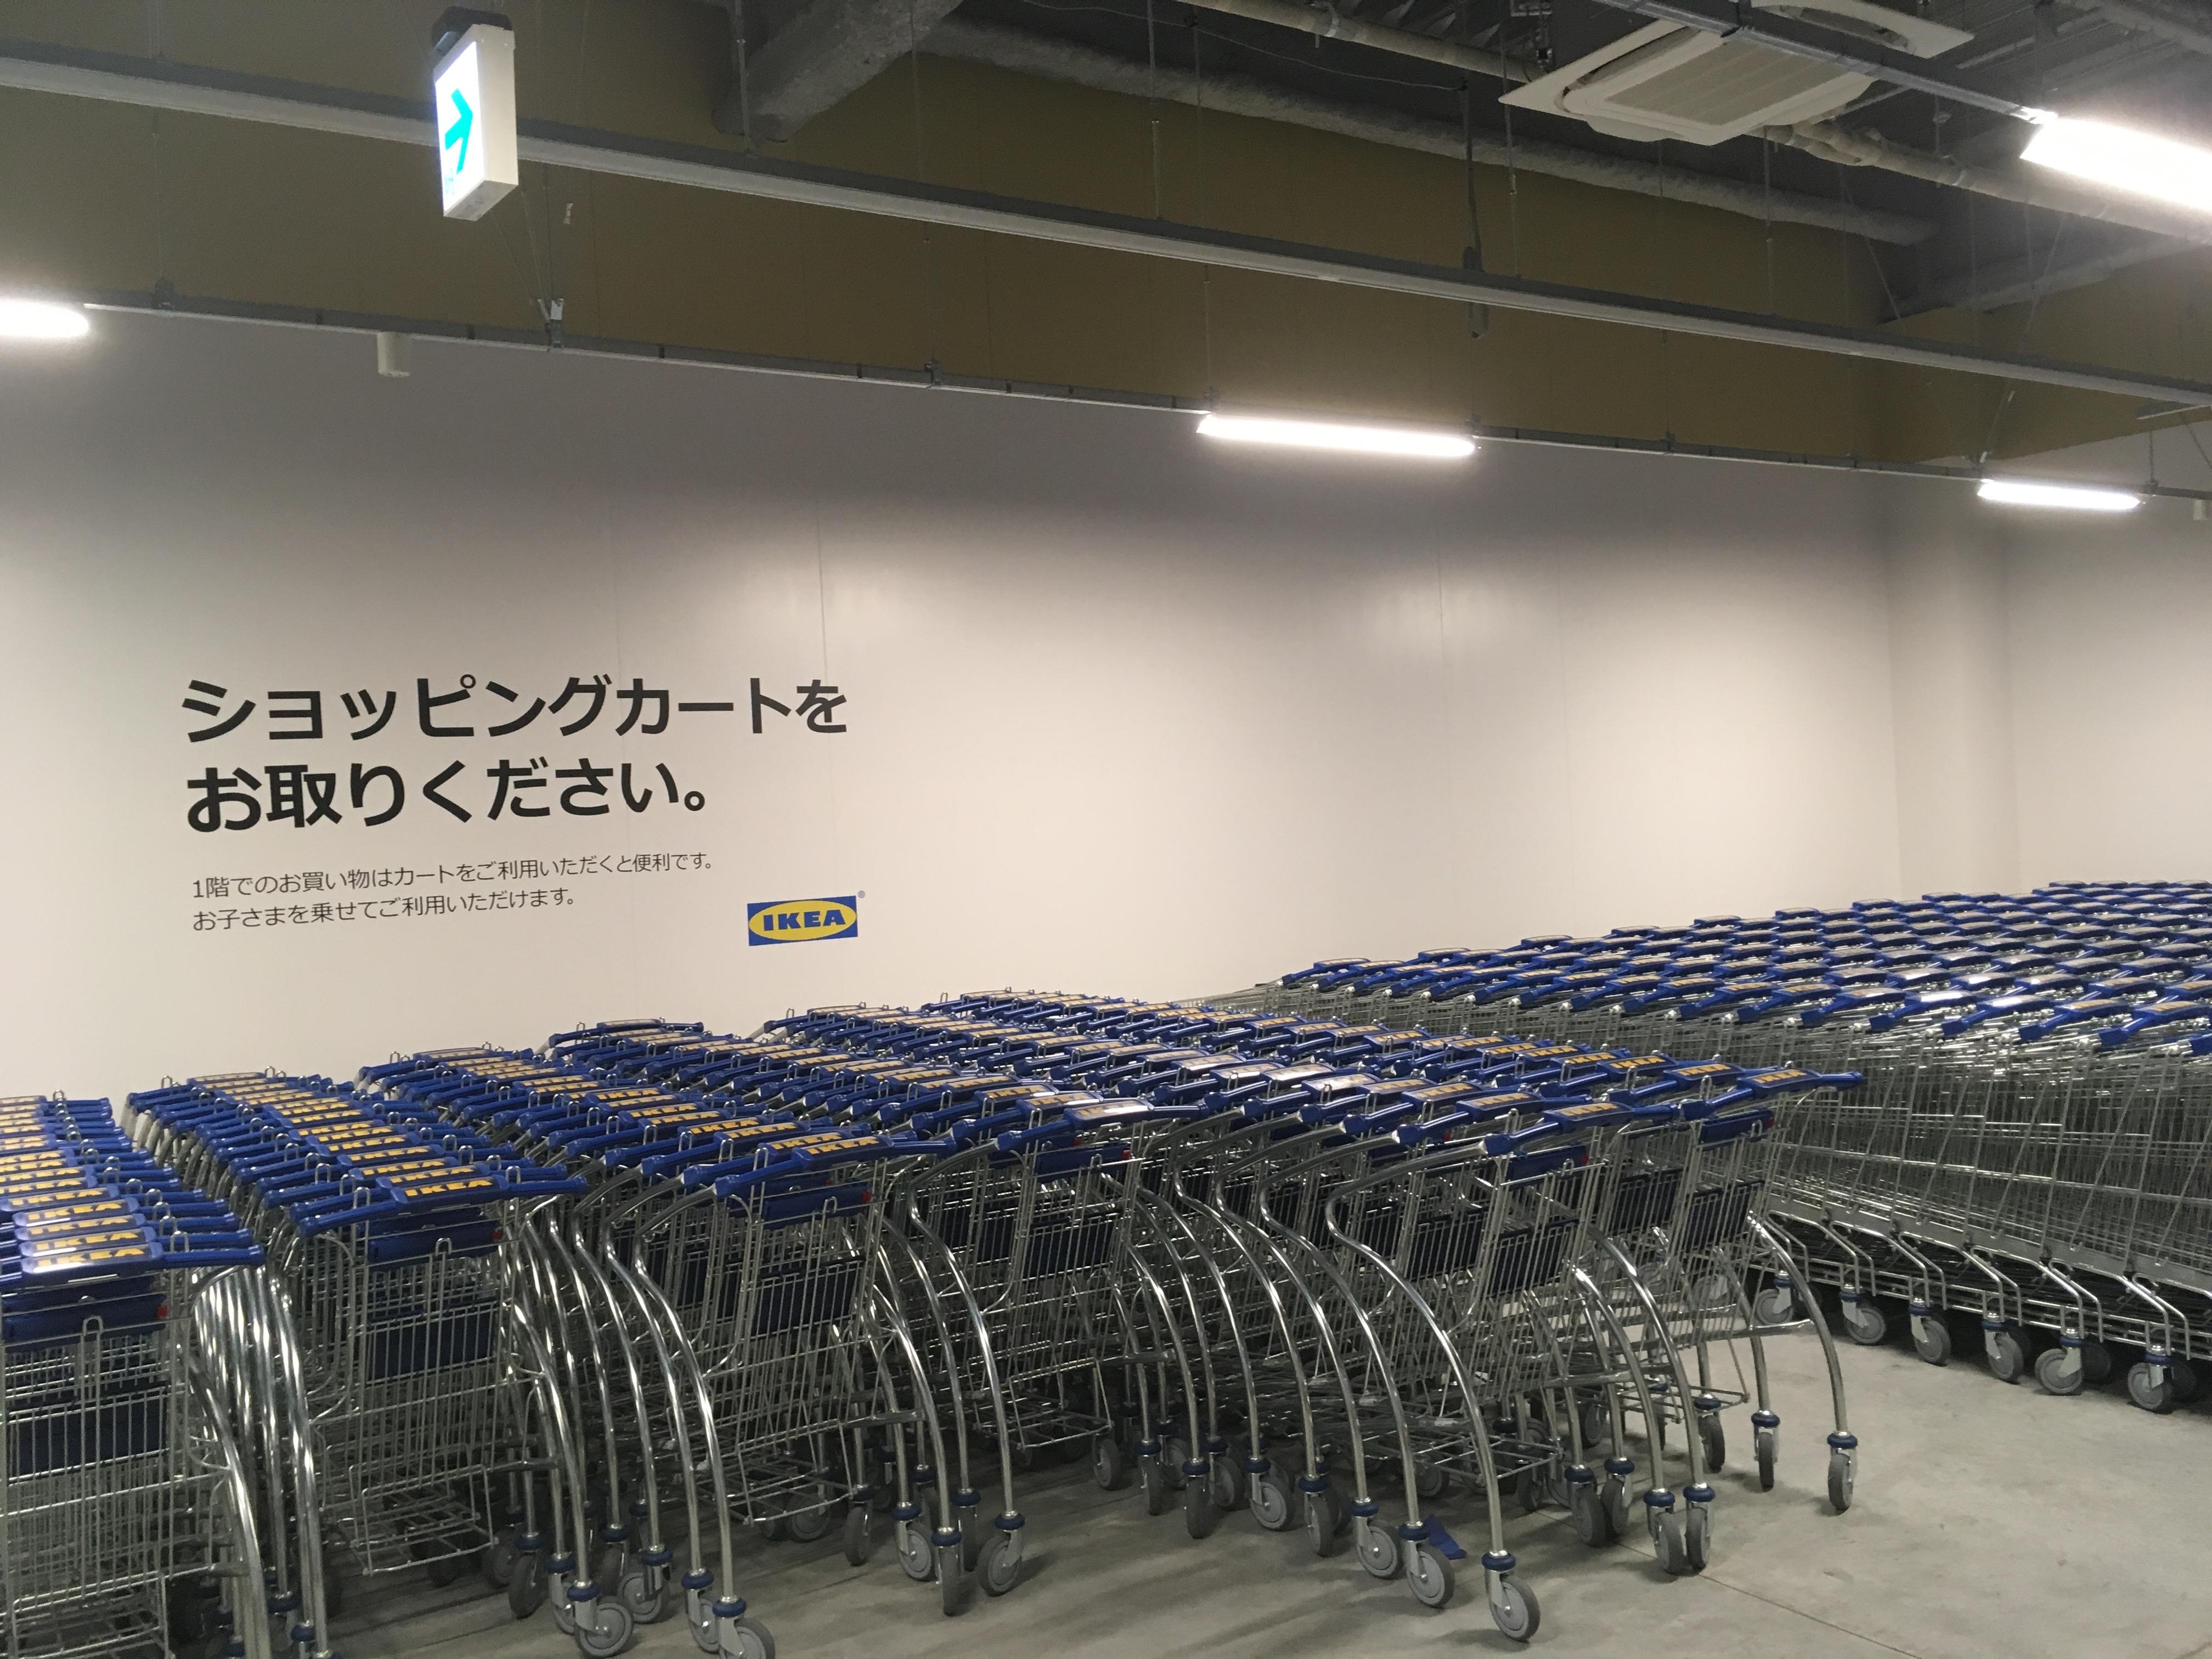 待望の東海地区初進出!ニューオープンのIKEA長久手に行ってきました! - IMG 7673